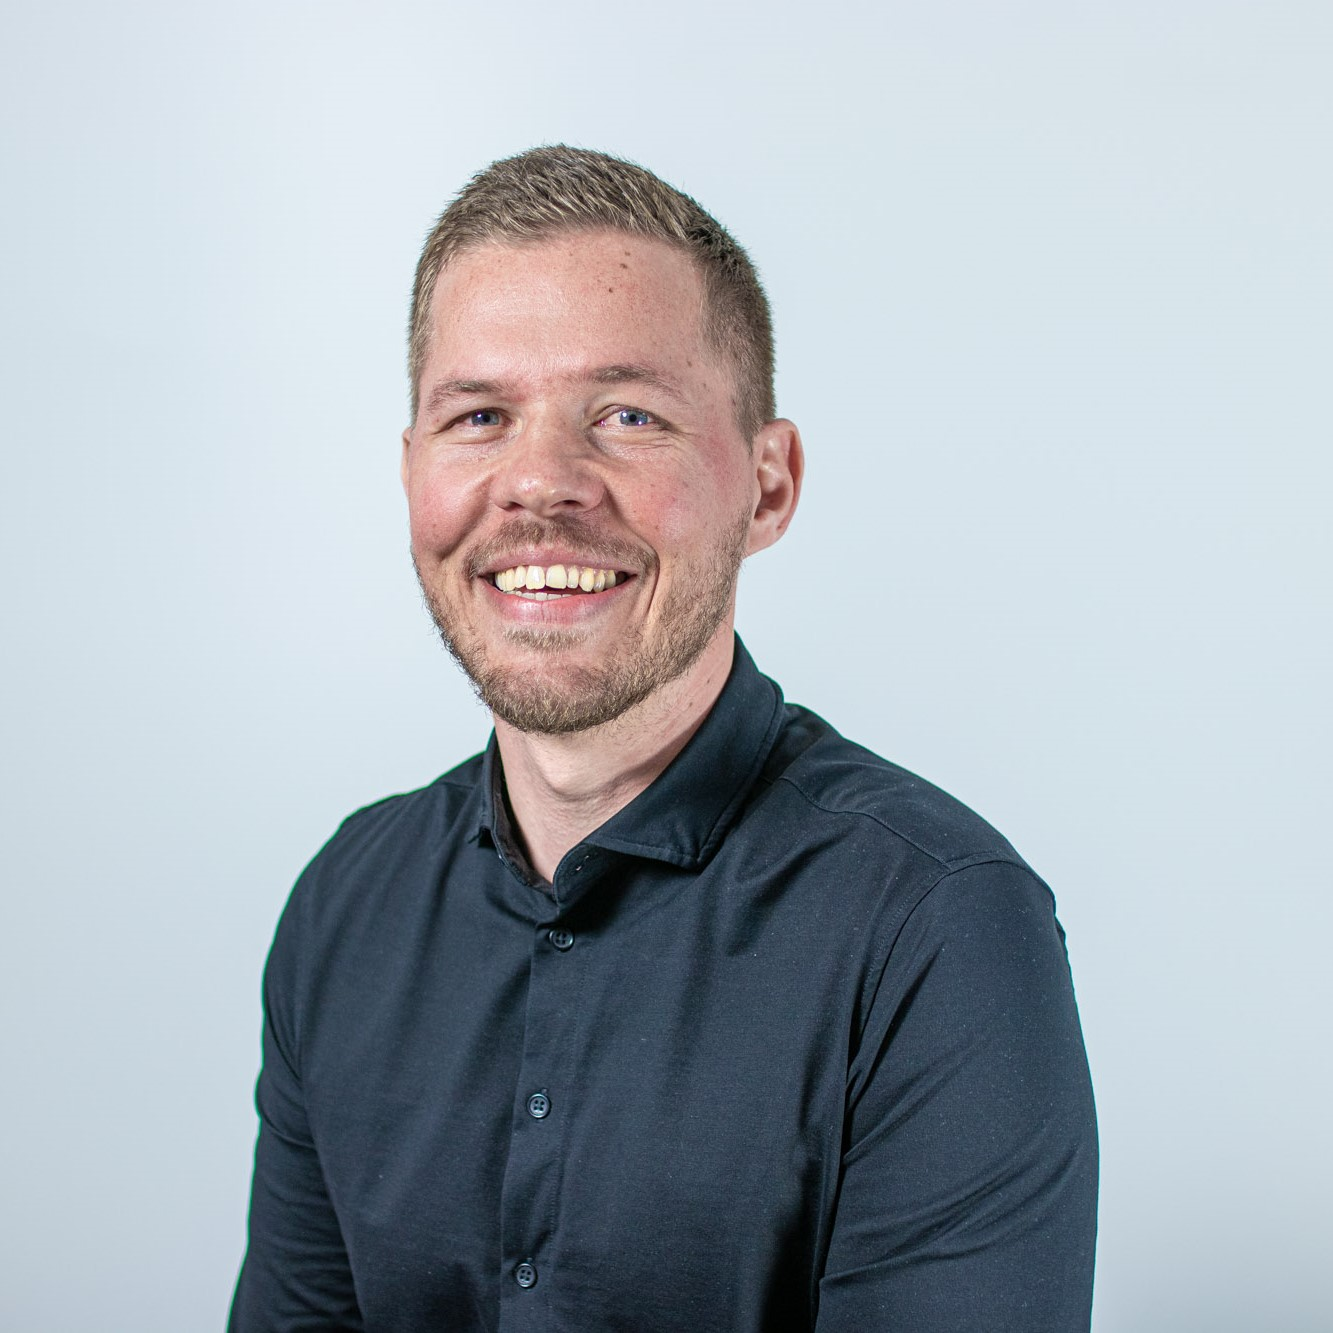 Lars Christian Olsen